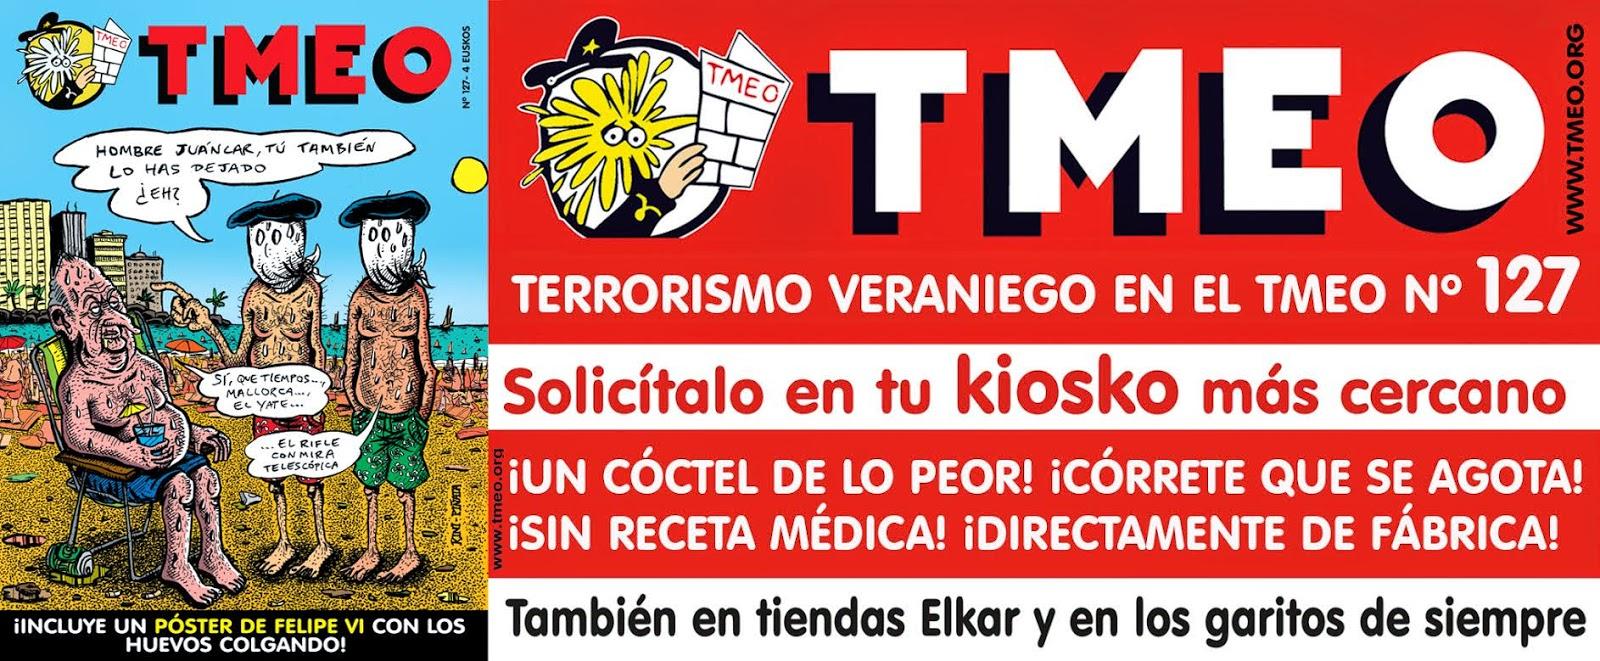 TMEO 127